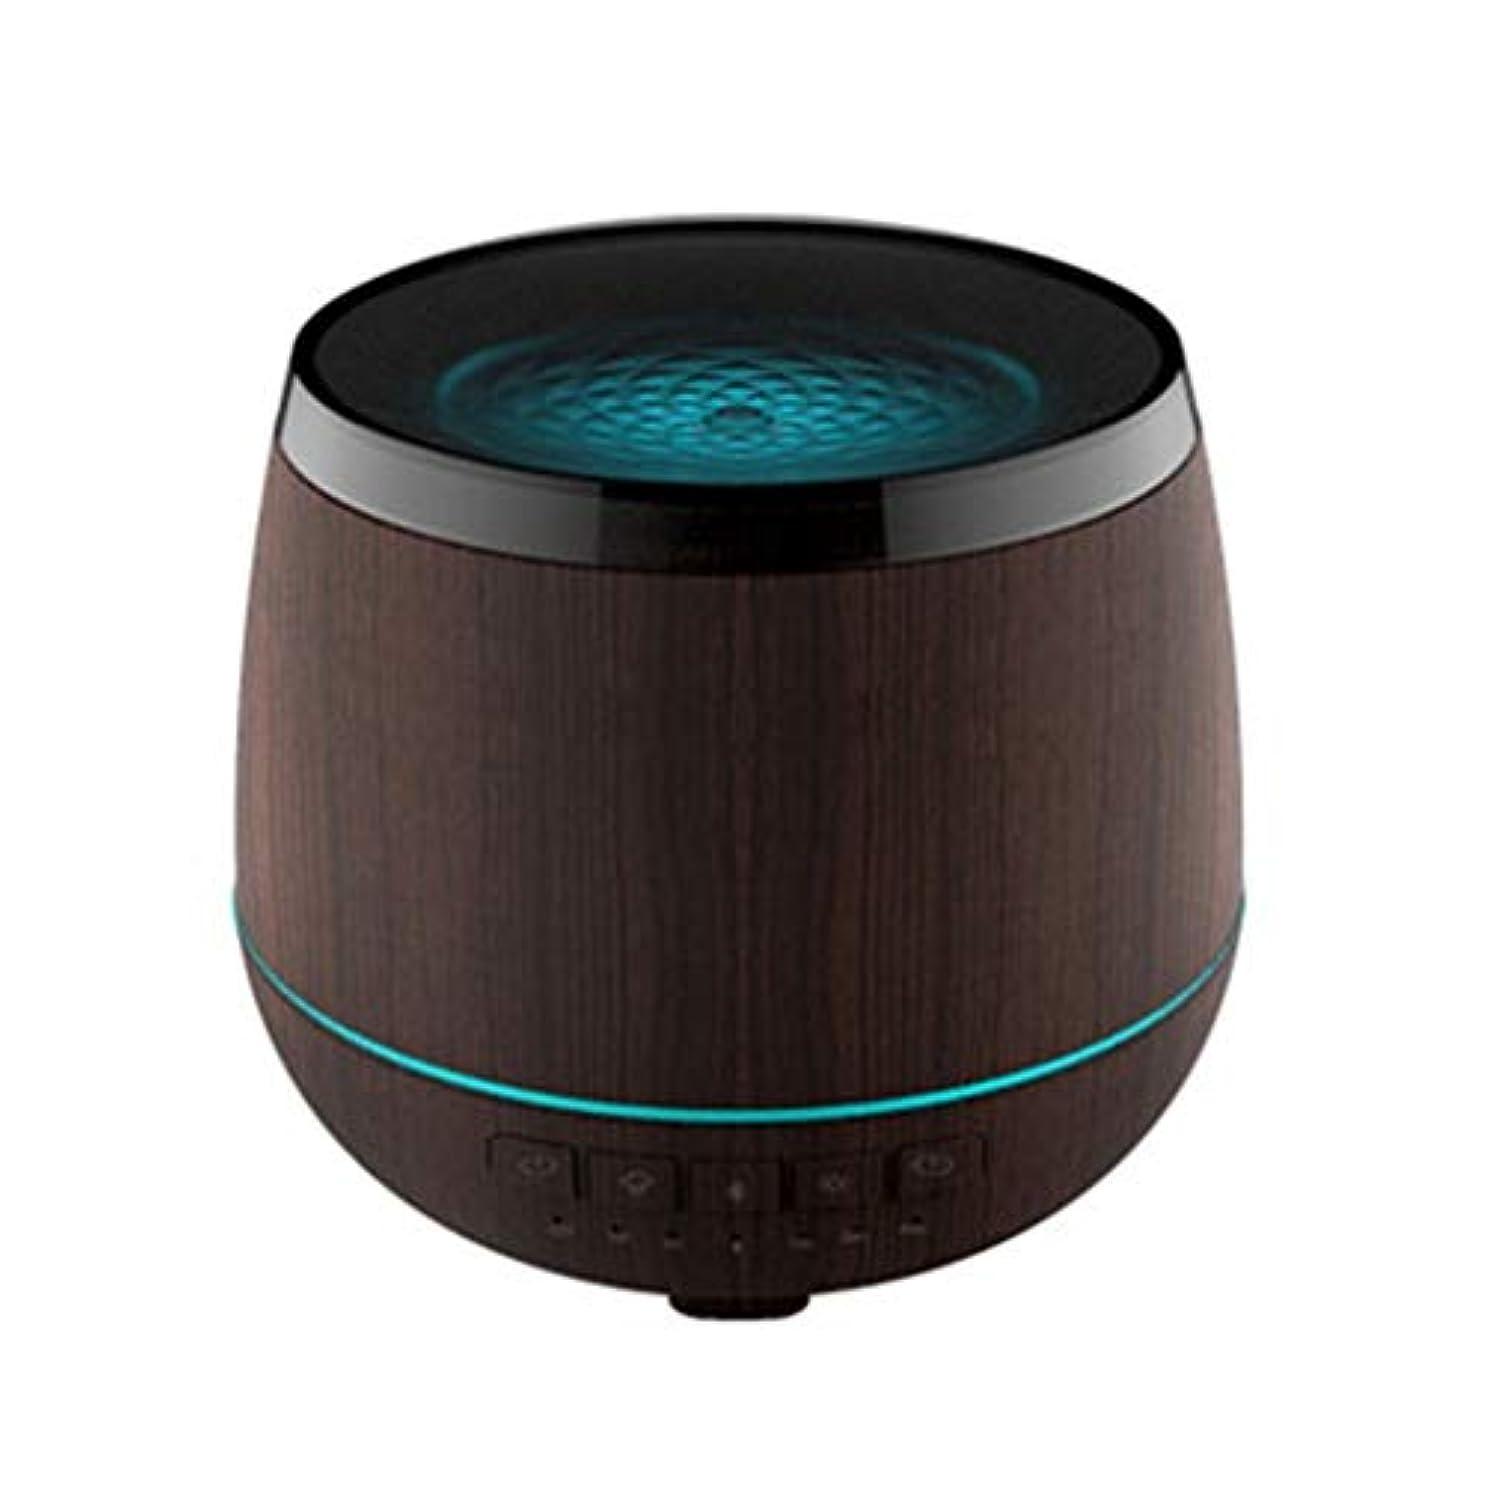 当社方程式注入するスマートなブルートゥースのスピーカーの加湿器、可聴周波超音波炉の必要な夜ライト無言の本社 (Color : Black)